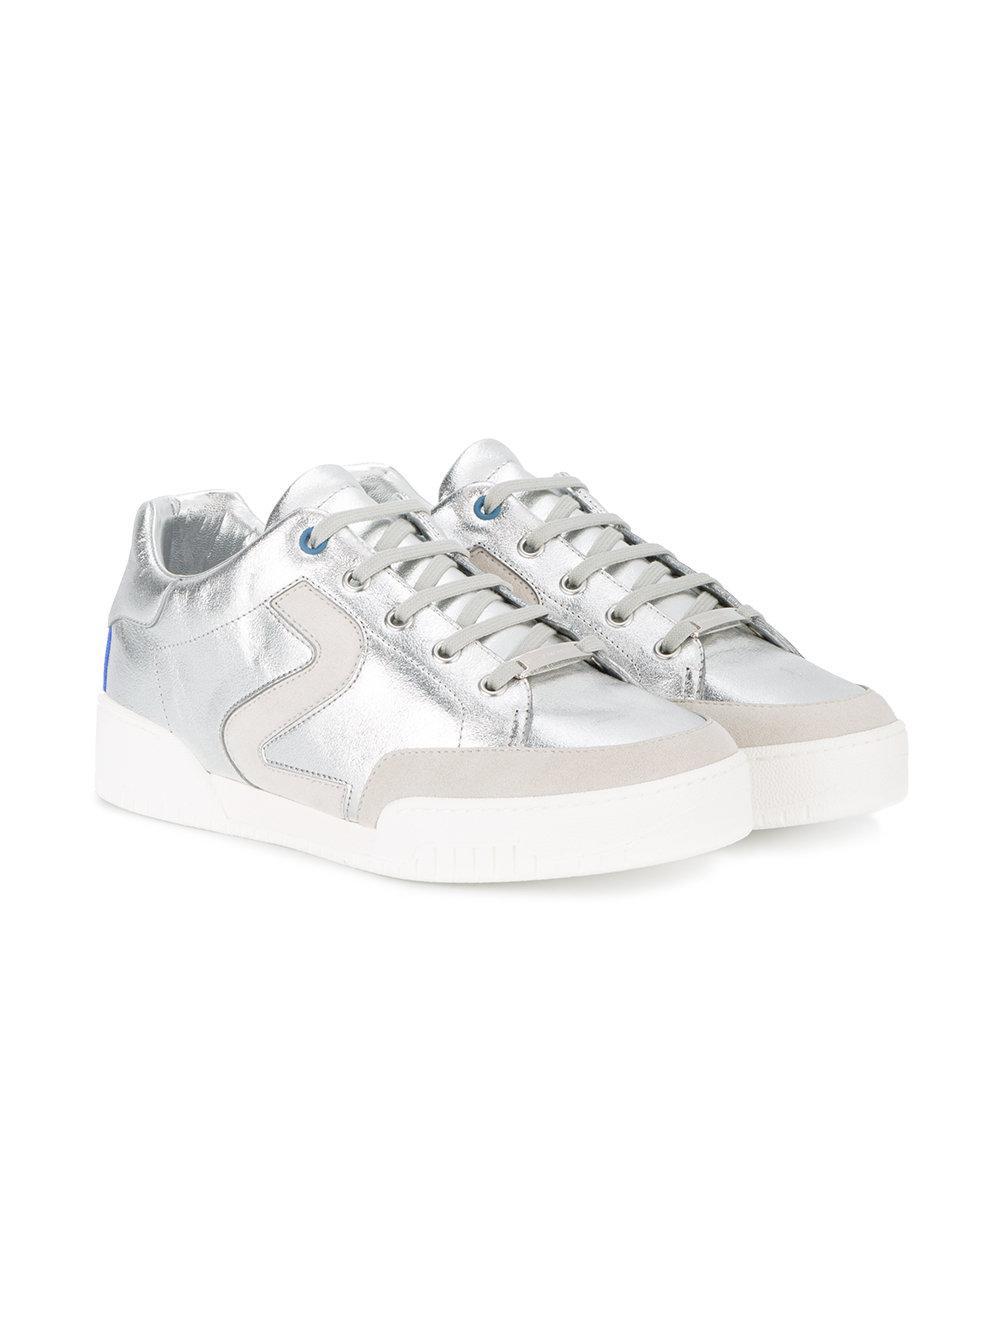 Stella McCartney Rubber 'stella' Silver Sneakers in Metallic